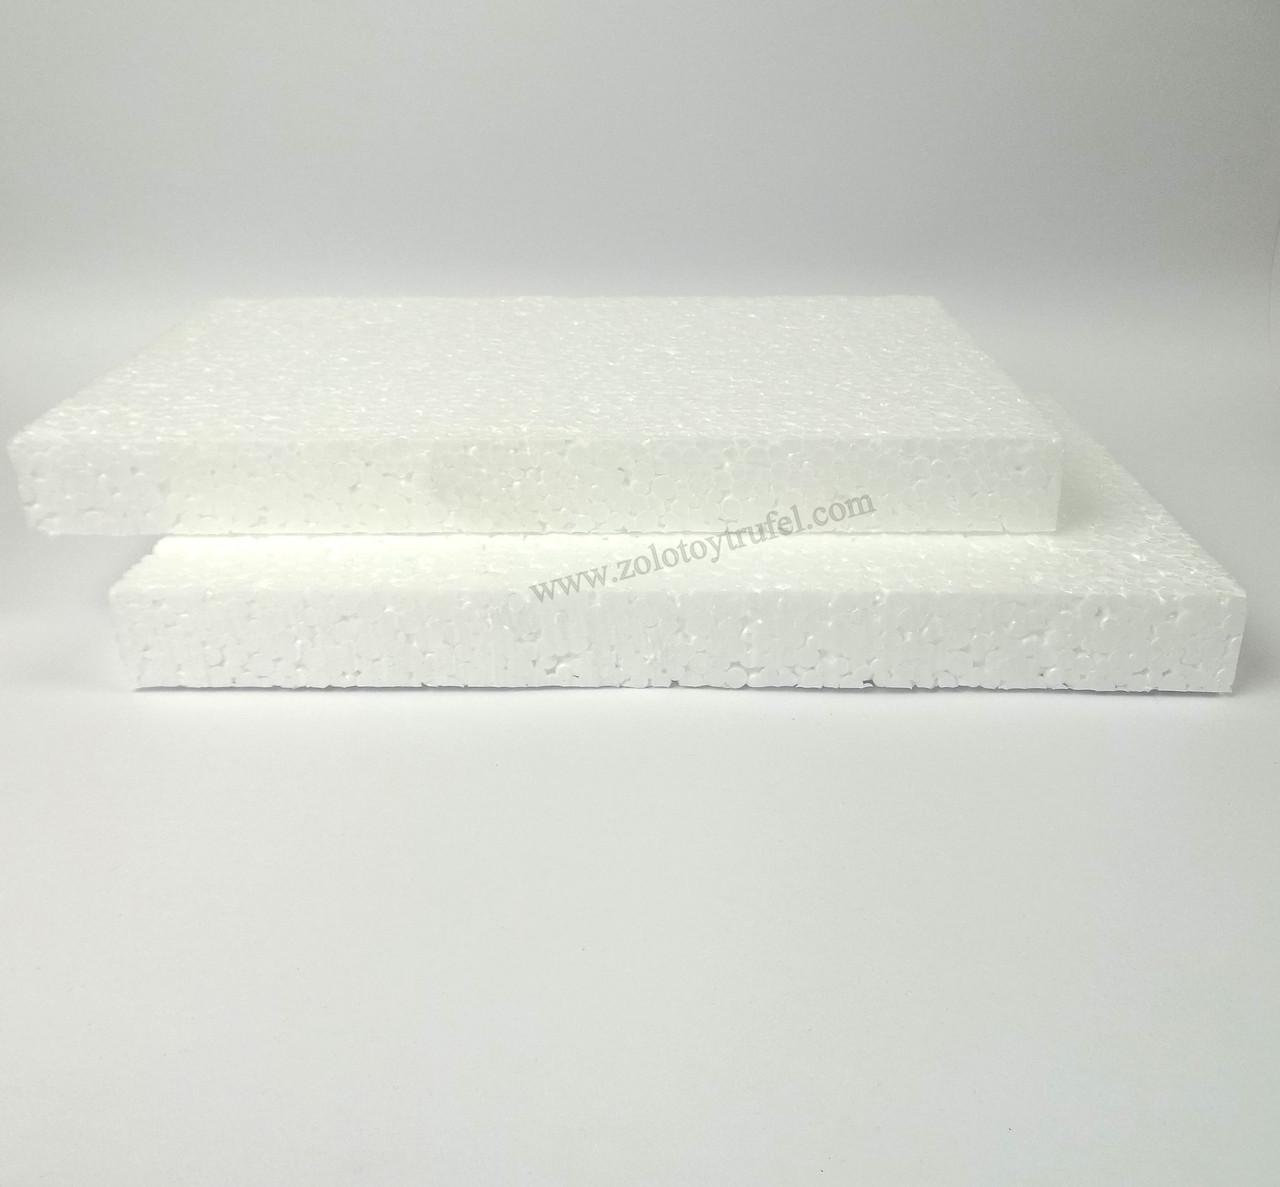 Прослойки пенопластовые для торта 18*18 см h 3 см